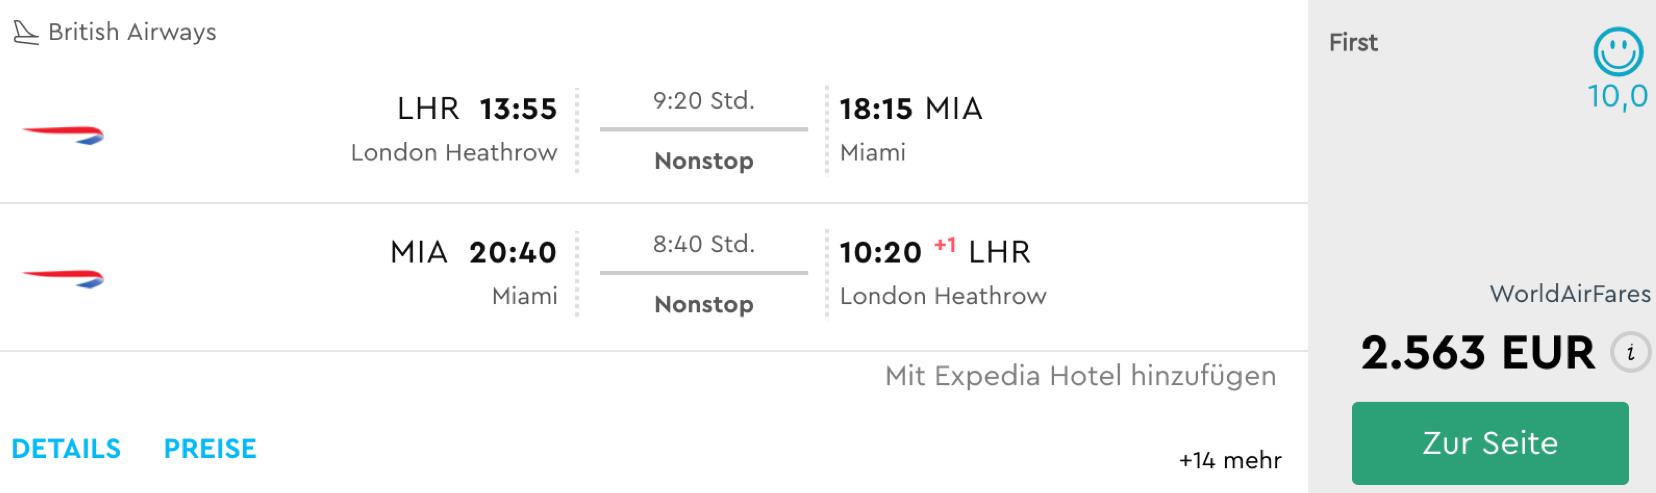 Günstig British Airways First Class nach Miami fliegen